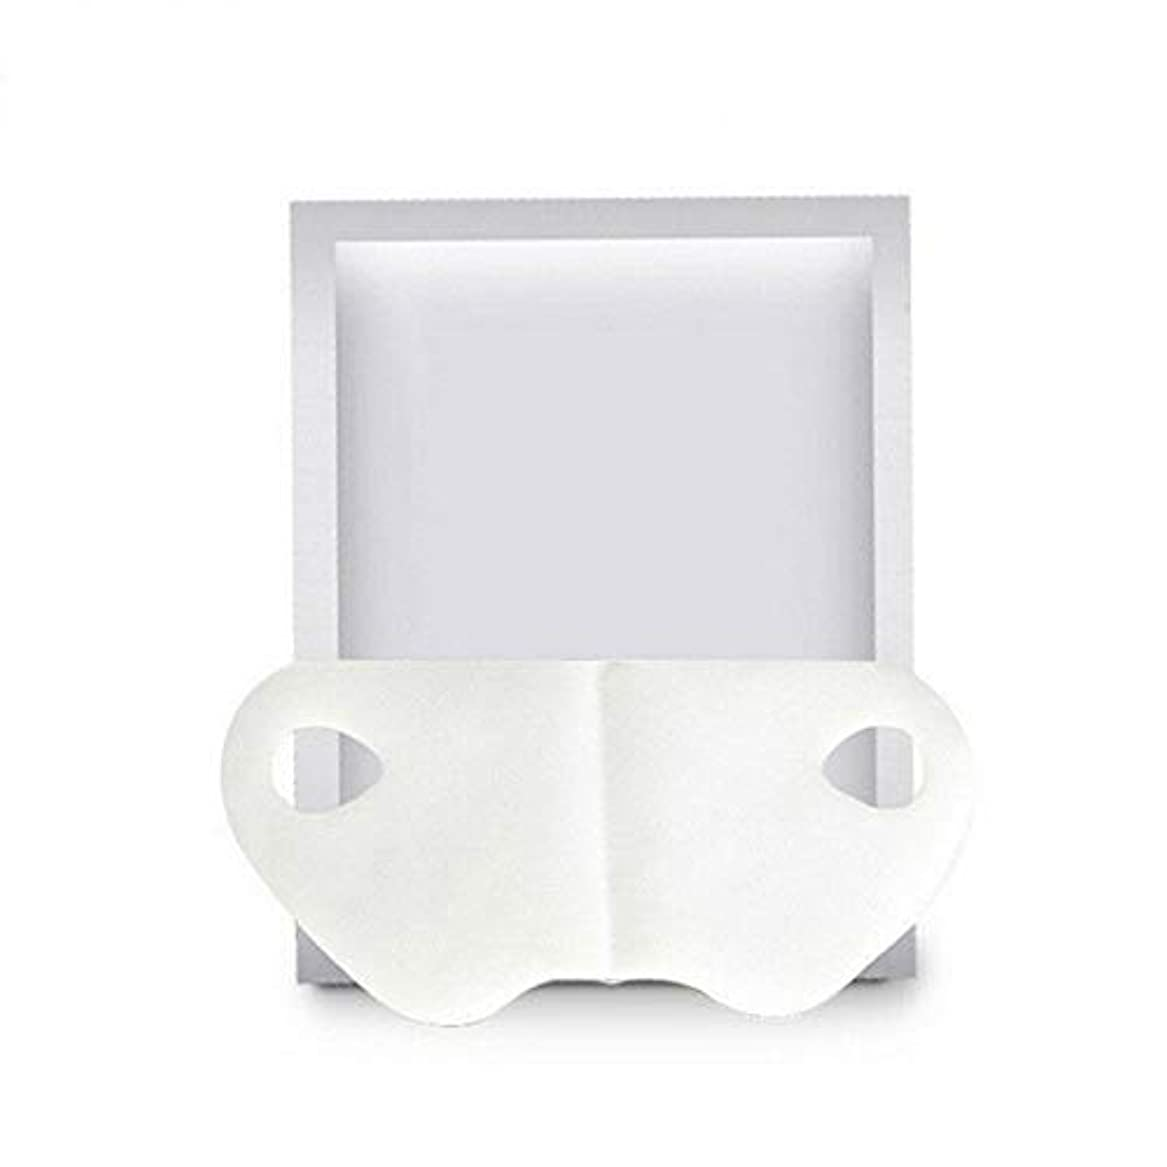 応答気まぐれな沿ってAylincool   保湿フェイスファーミングマスクをホワイトニングするV字型スリミングフェイスマスク